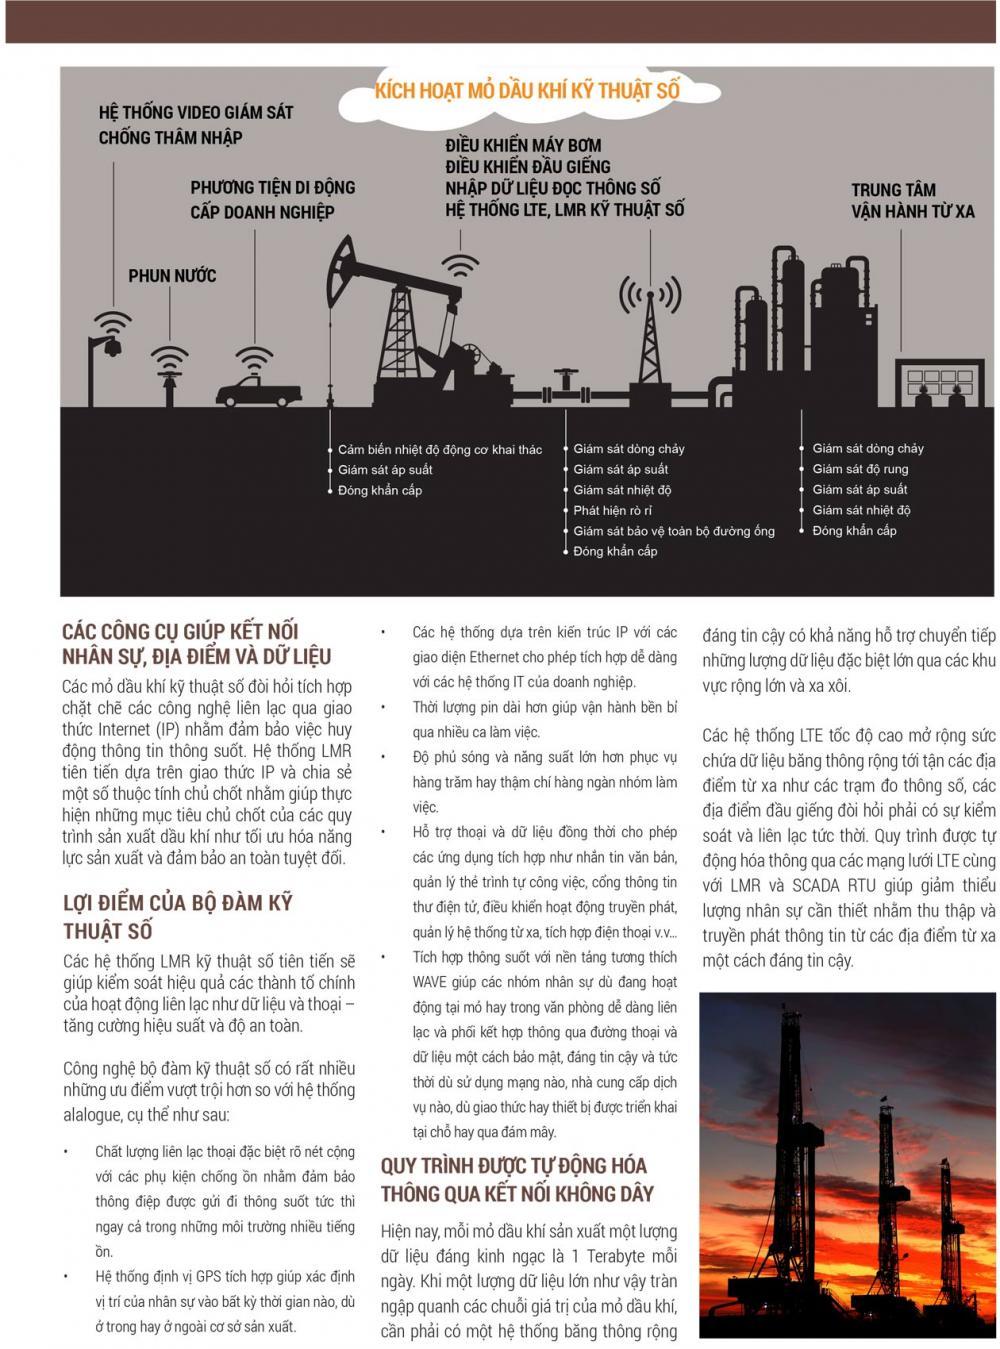 Motorola ứng dụng giải pháp bộ đàm kích hoạt khai thác mỏ dầu khí